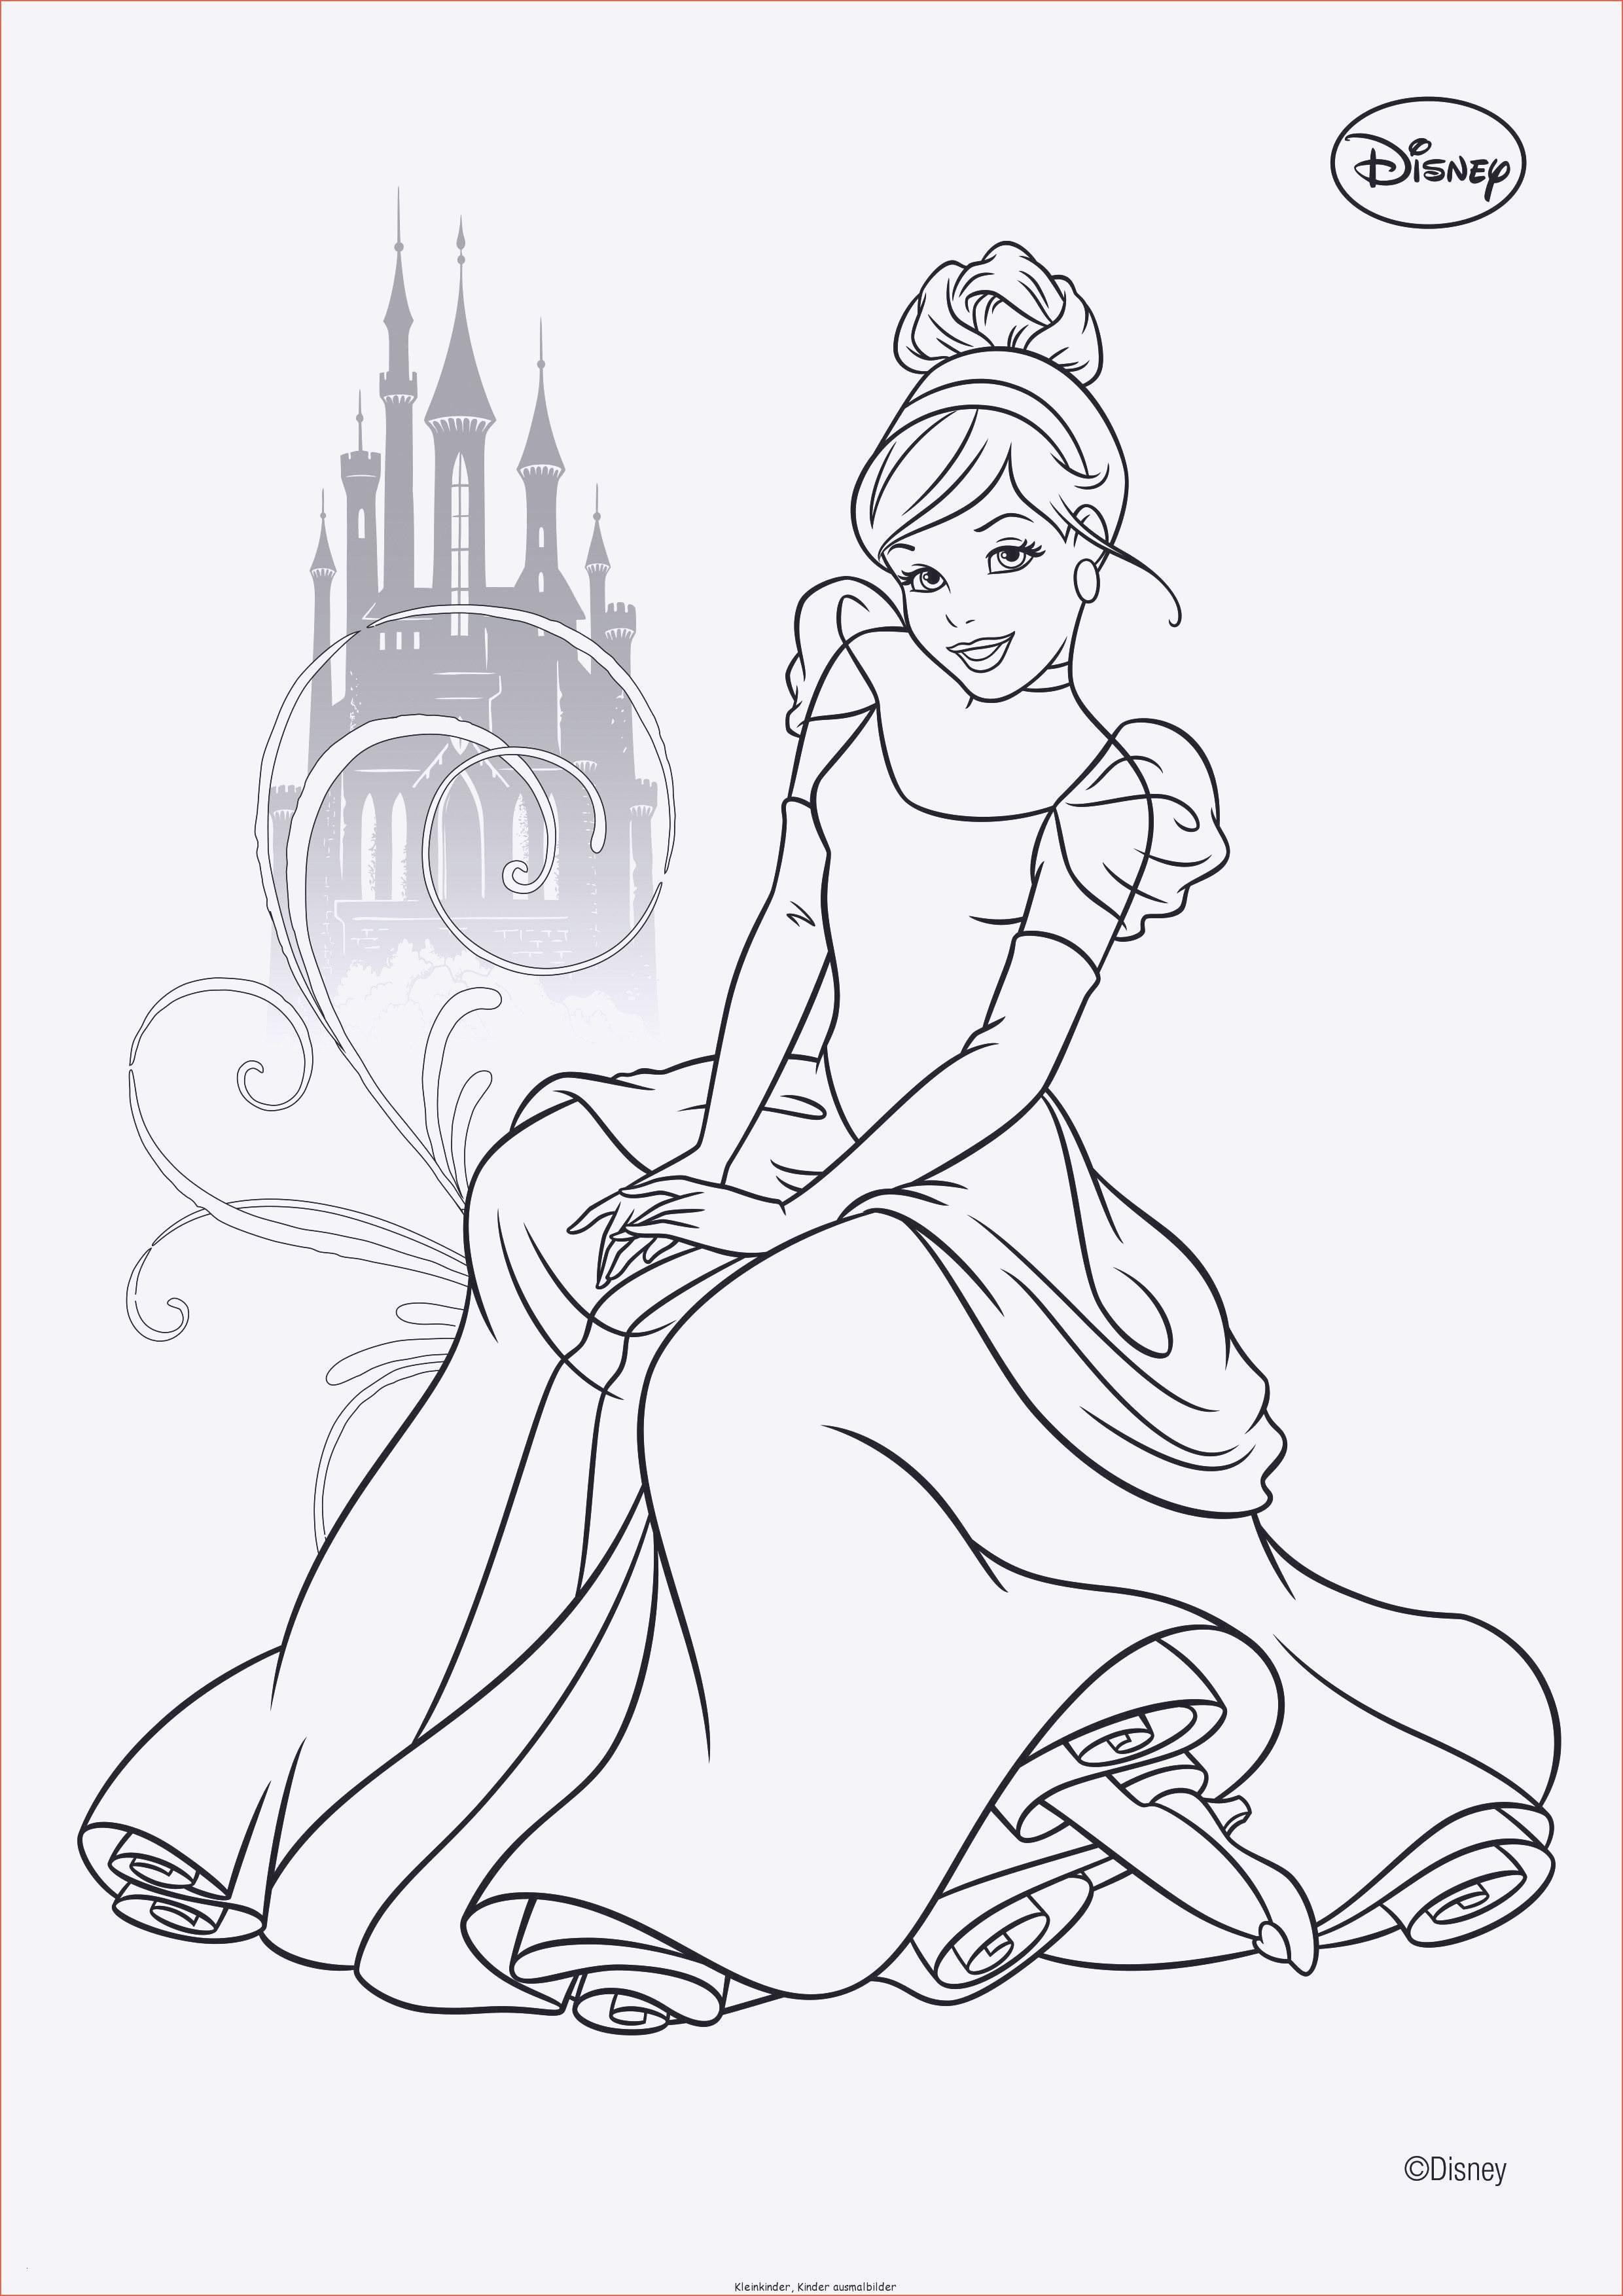 Anna Und Elsa Ausmalbild Genial Bayern Ausmalbilder Frisch Igel Grundschule 0d Archives Luxus Anna Das Bild